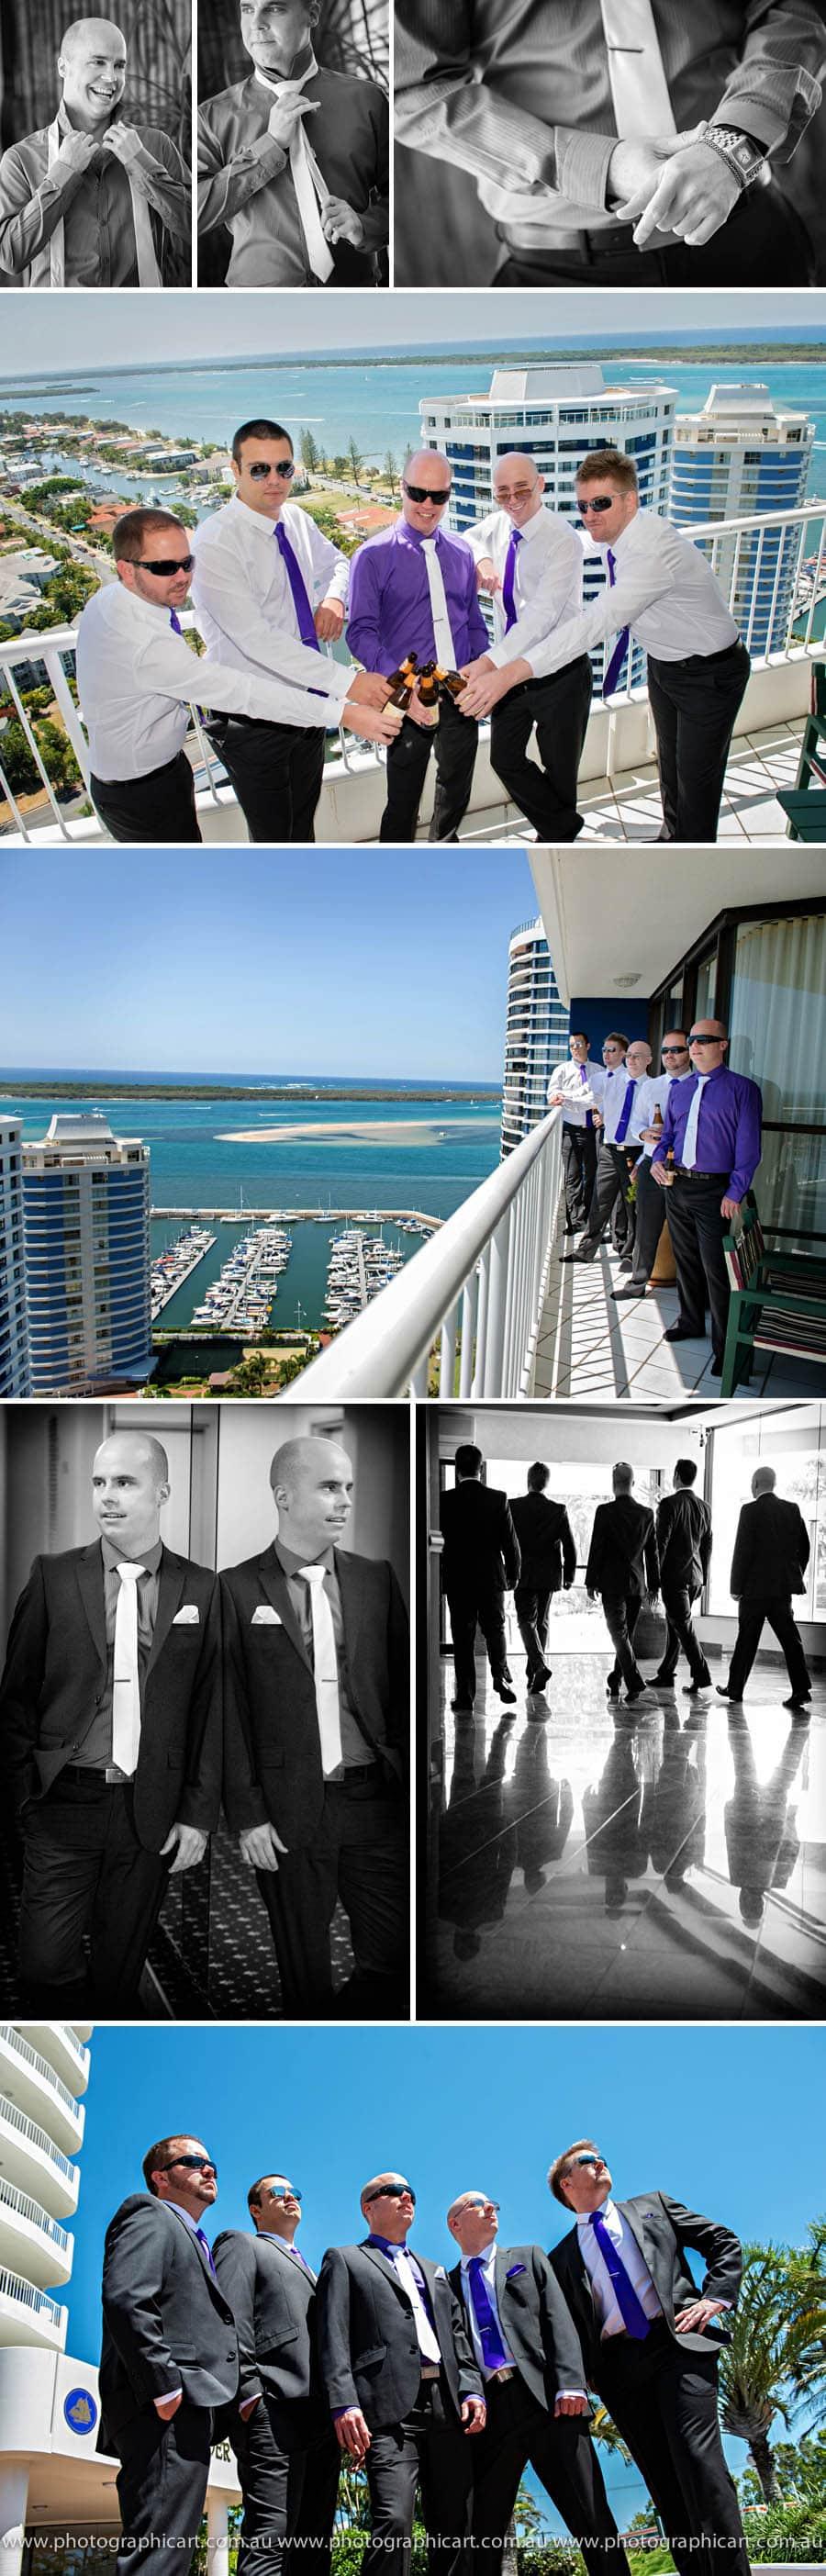 photographicart.com.au/newsite-catdave-0001